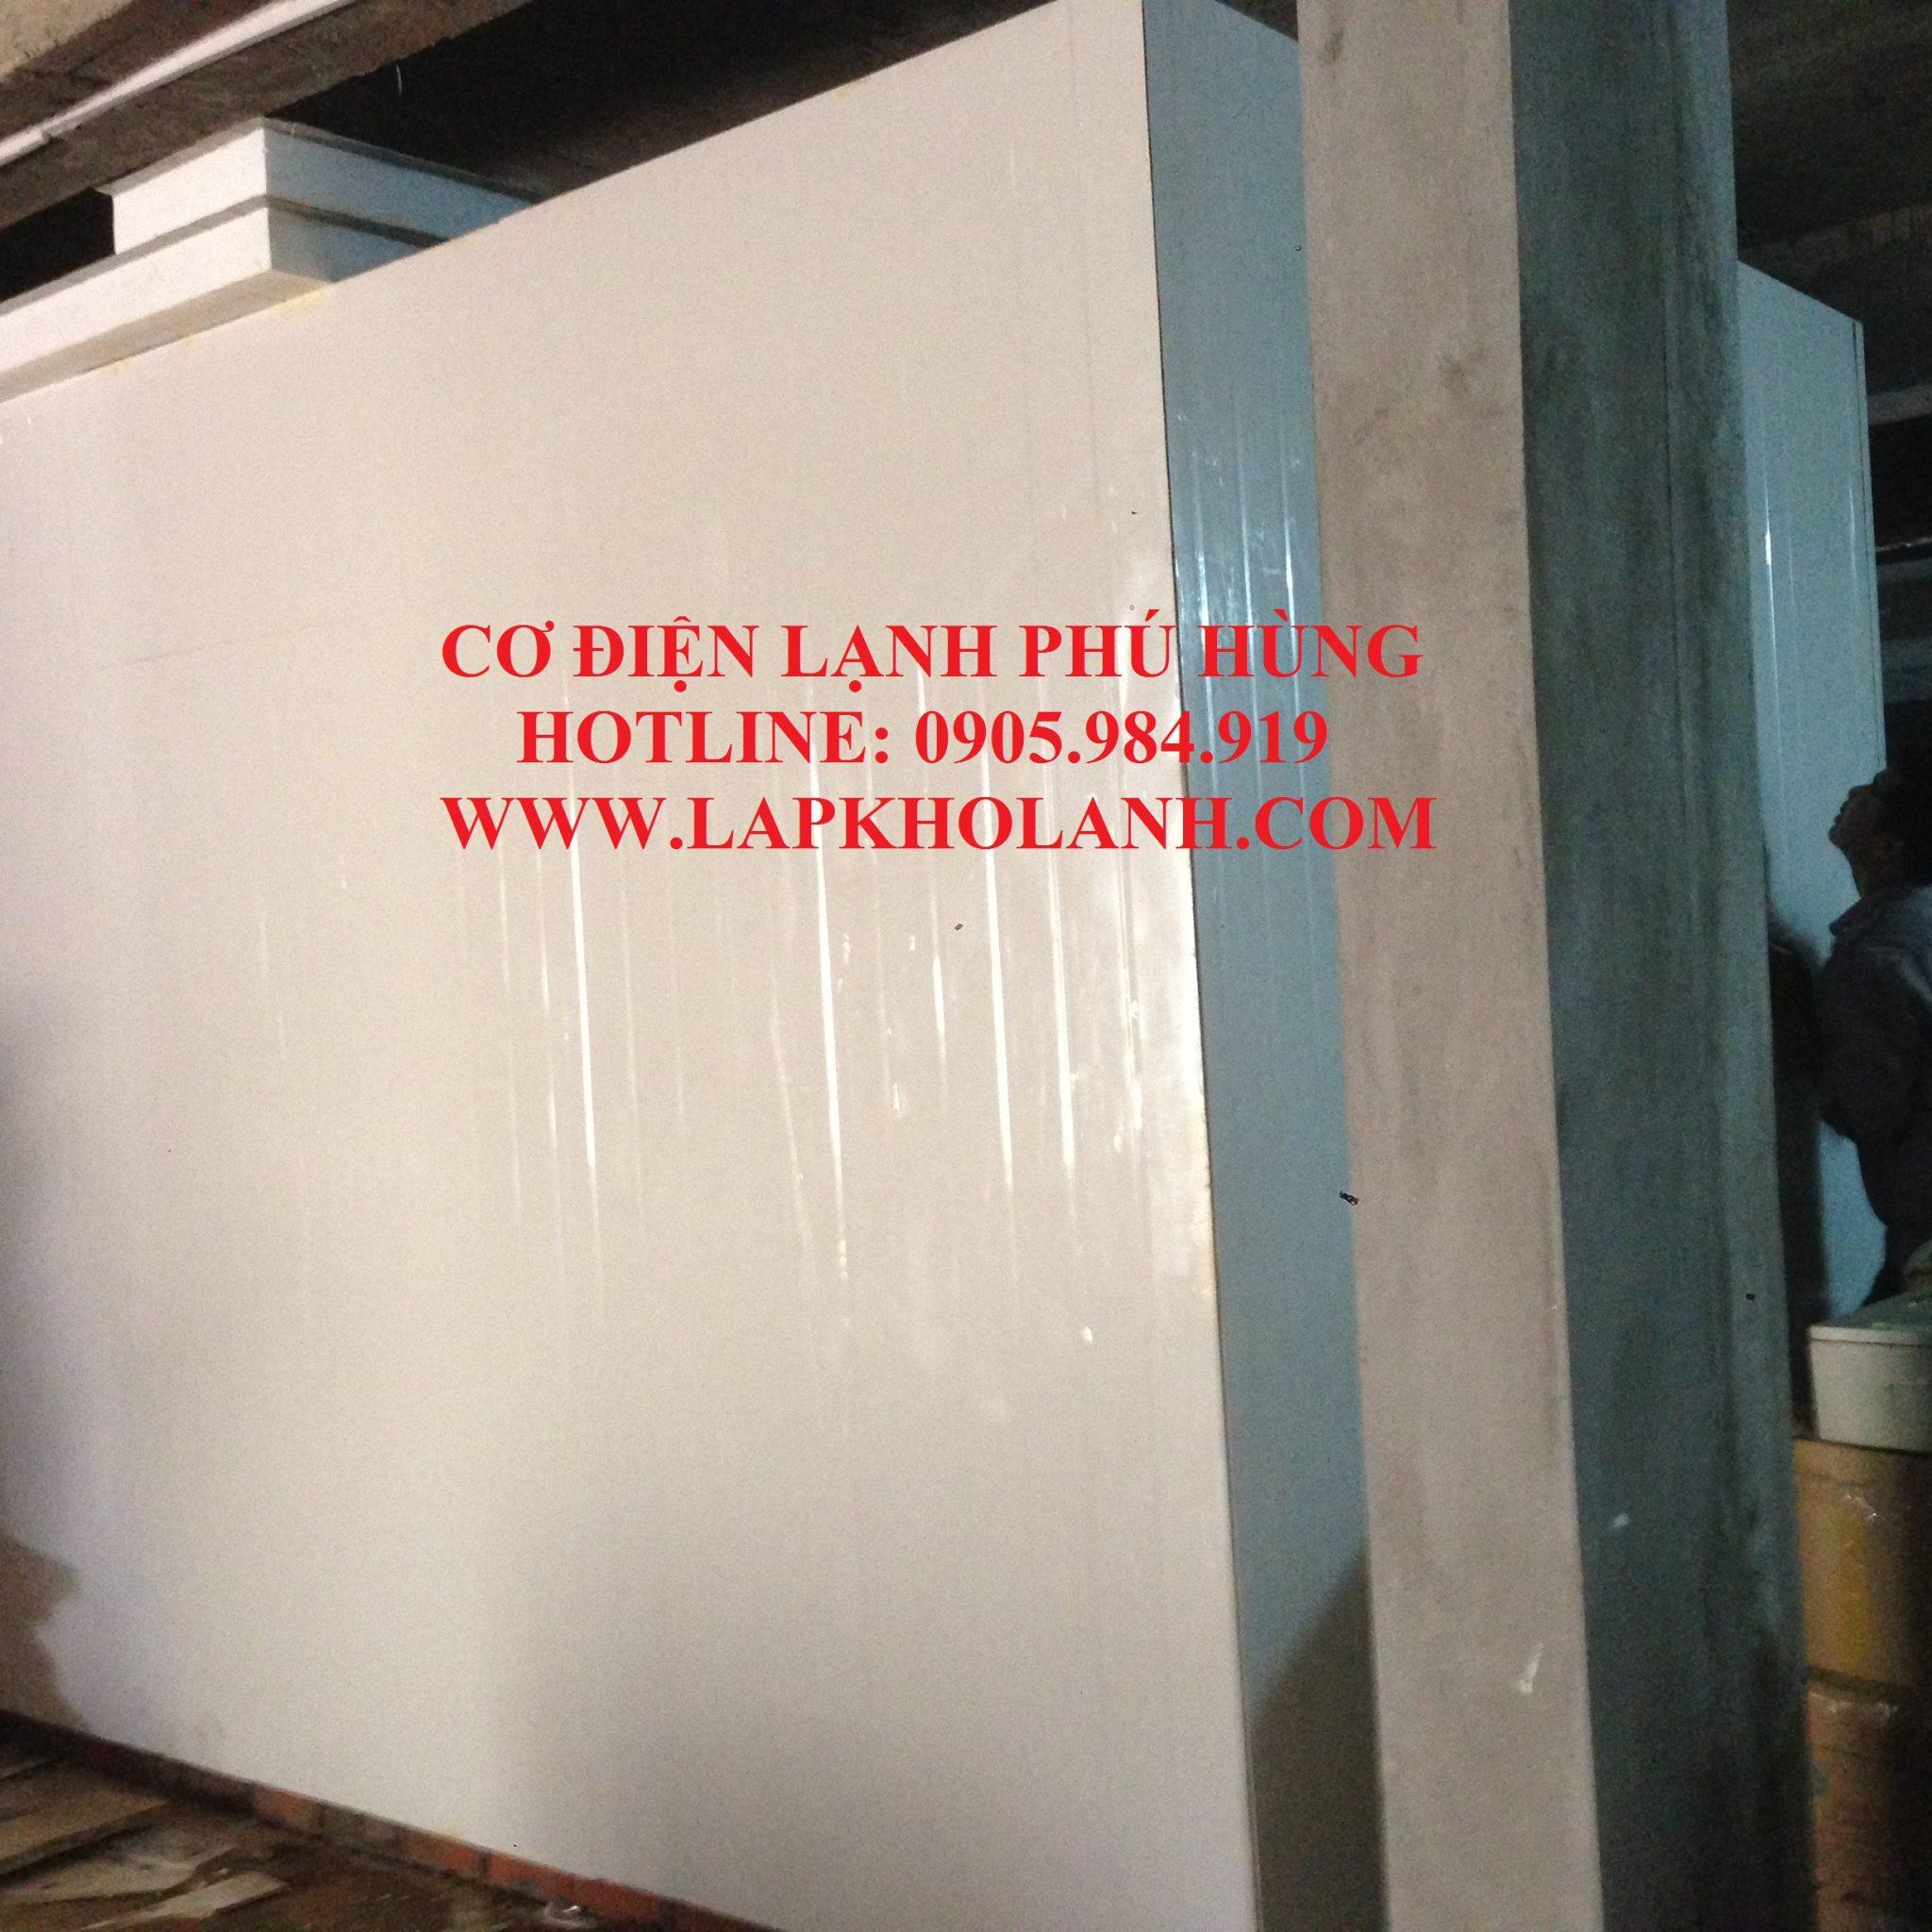 A5 Copy - Thi công kho lạnh siêu thị LEVIMARK Đà Nẵng